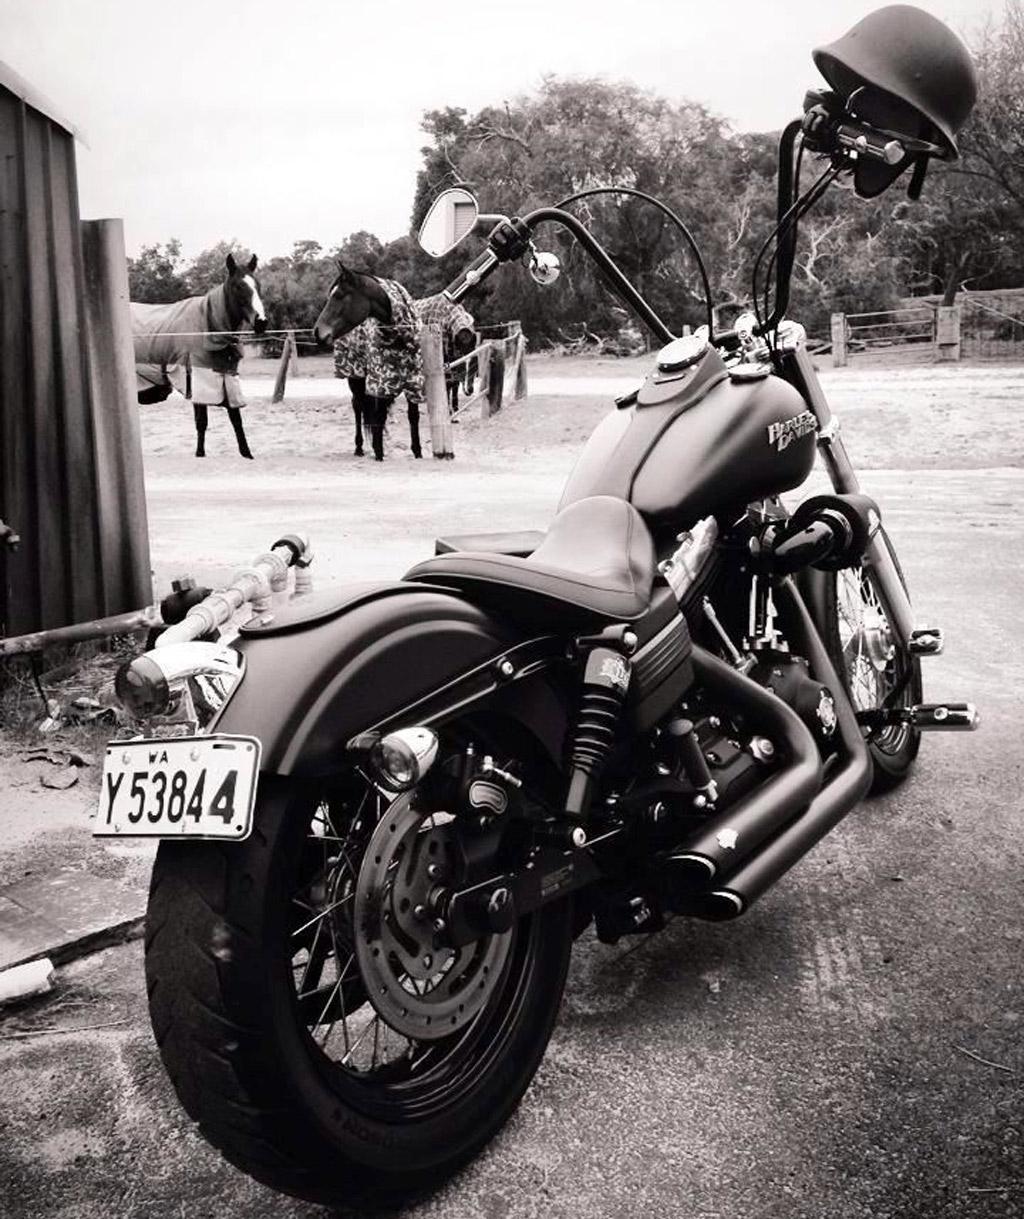 Burly Brand Chrome Rear Slammer Shocks For Harley-Davidson FXD 91-17